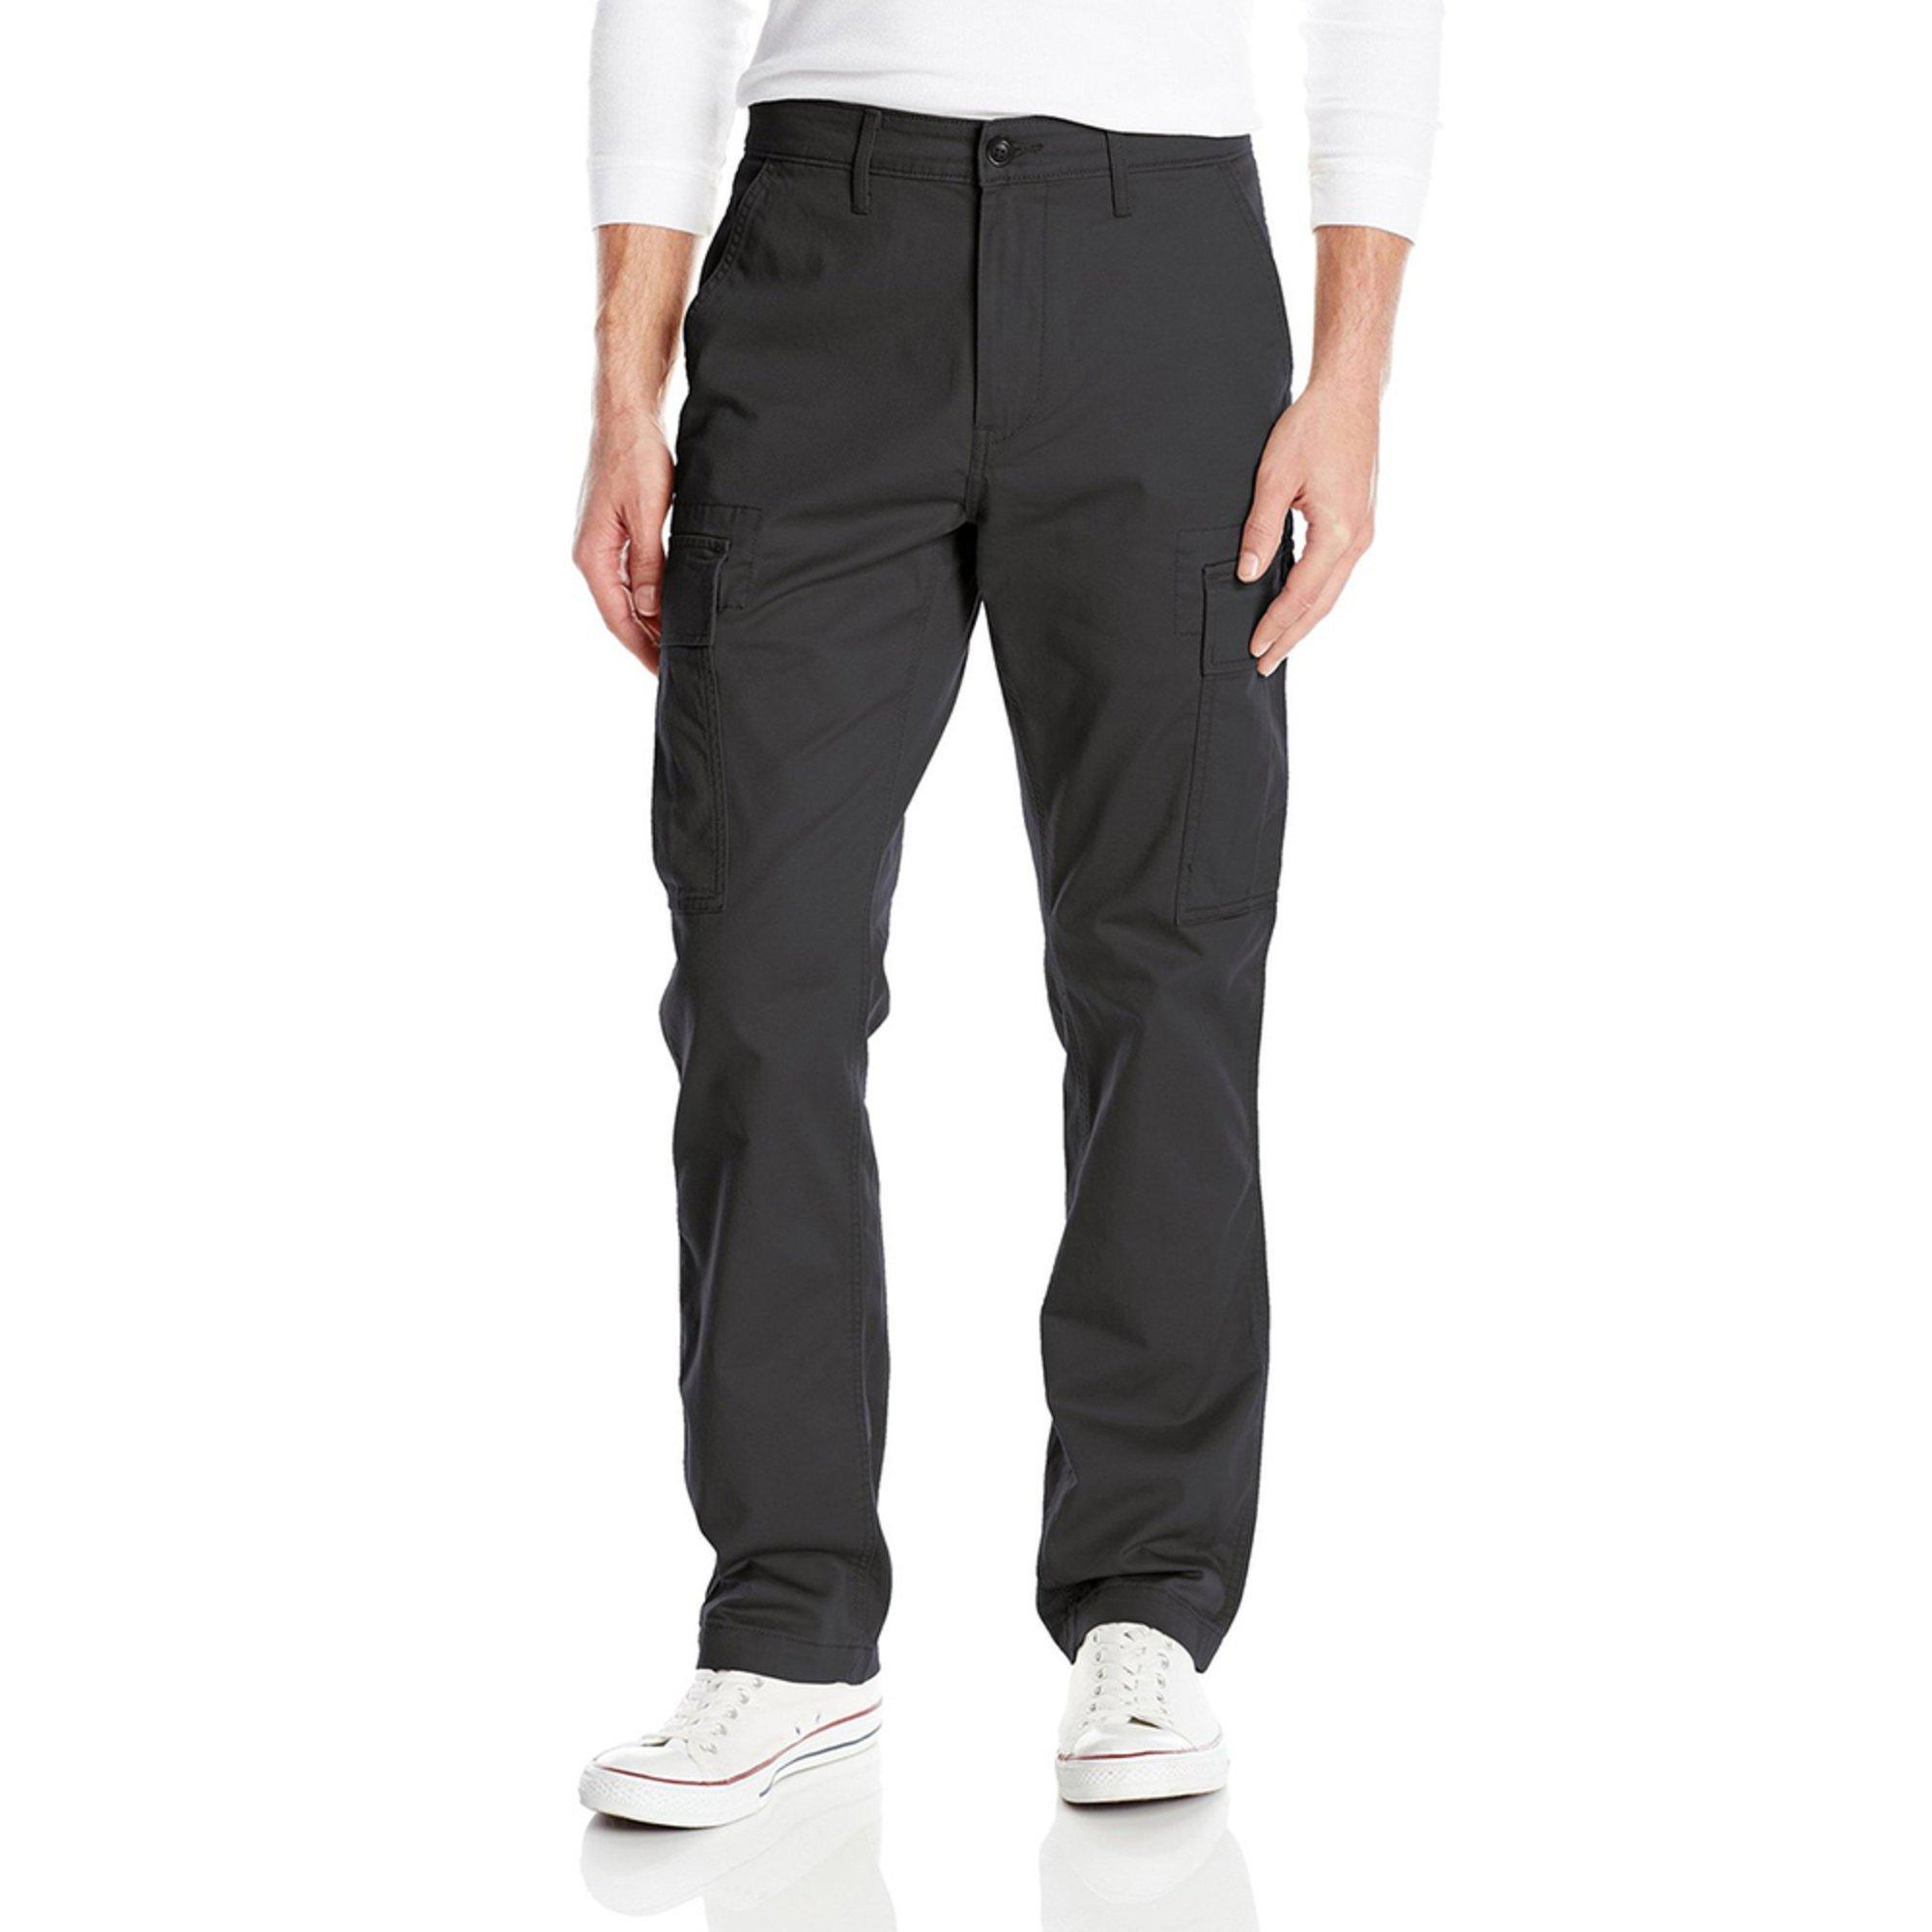 10eb033b191 Levi's Men's 541 Athletic Fit Cargo Jeans | Men's Jeans | Apparel ...